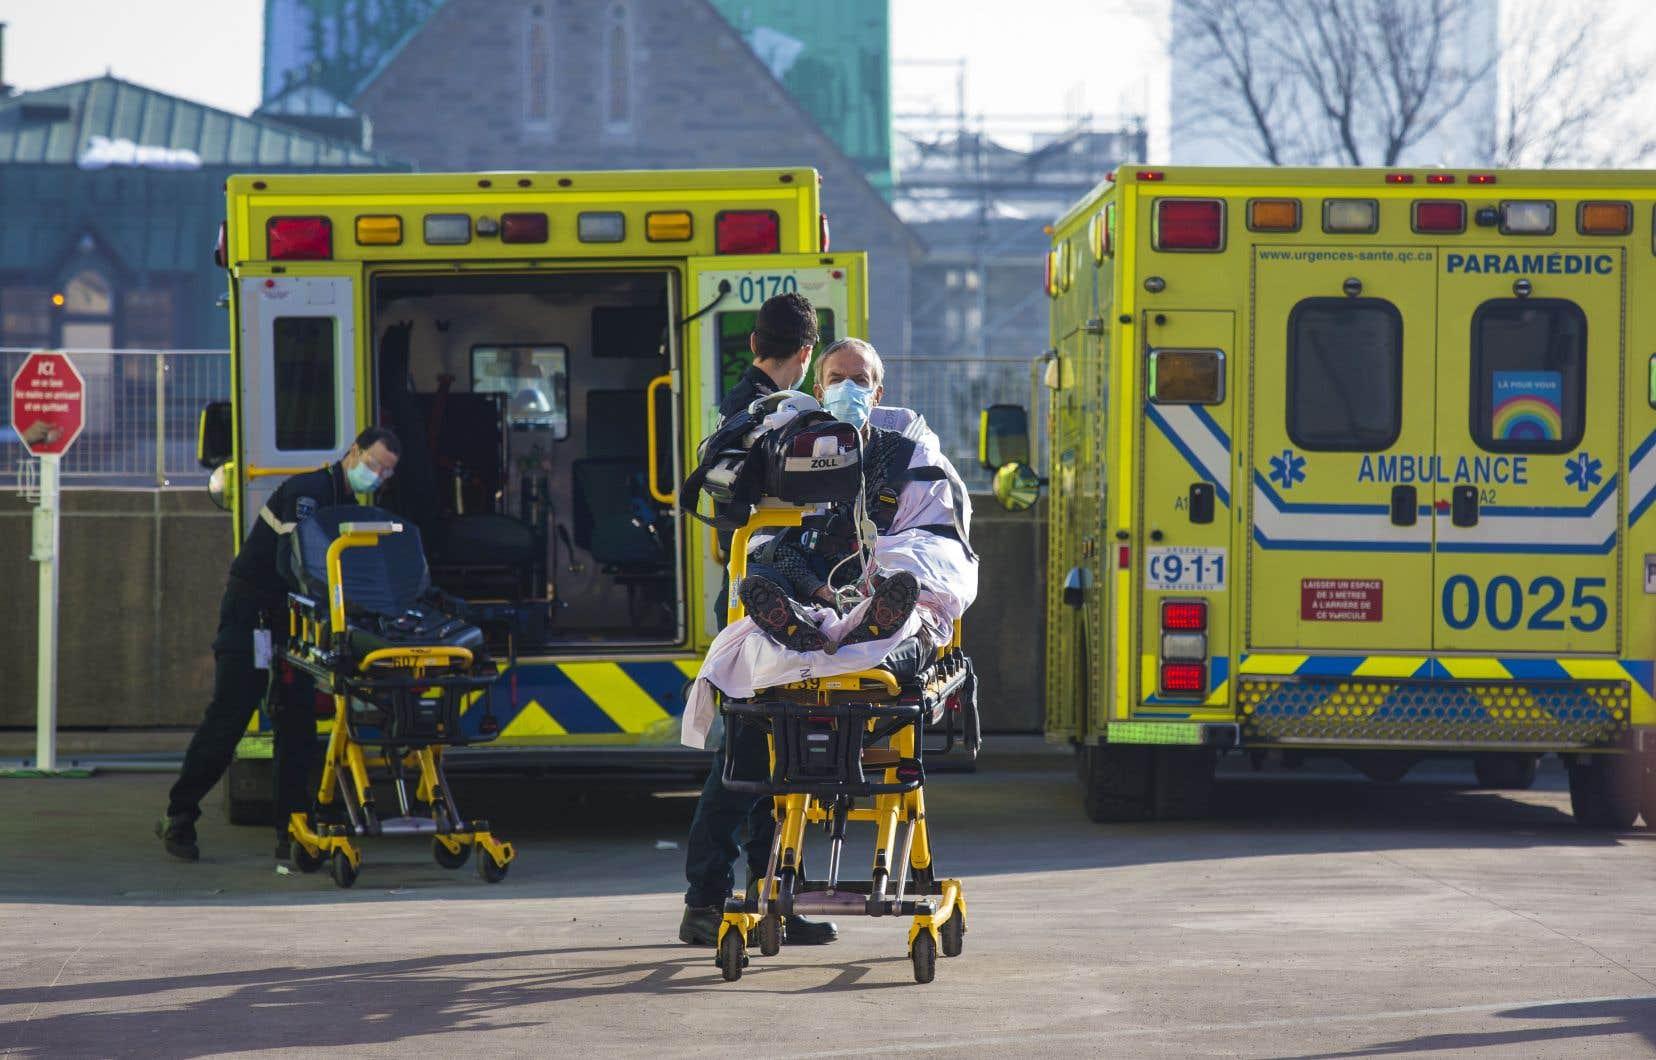 MmeMassé observe qu'alors que les hôpitaux vont peut-être devoir trier les patients par chance de survie, au privé, on fait comme si la pandémie n'existait pas.